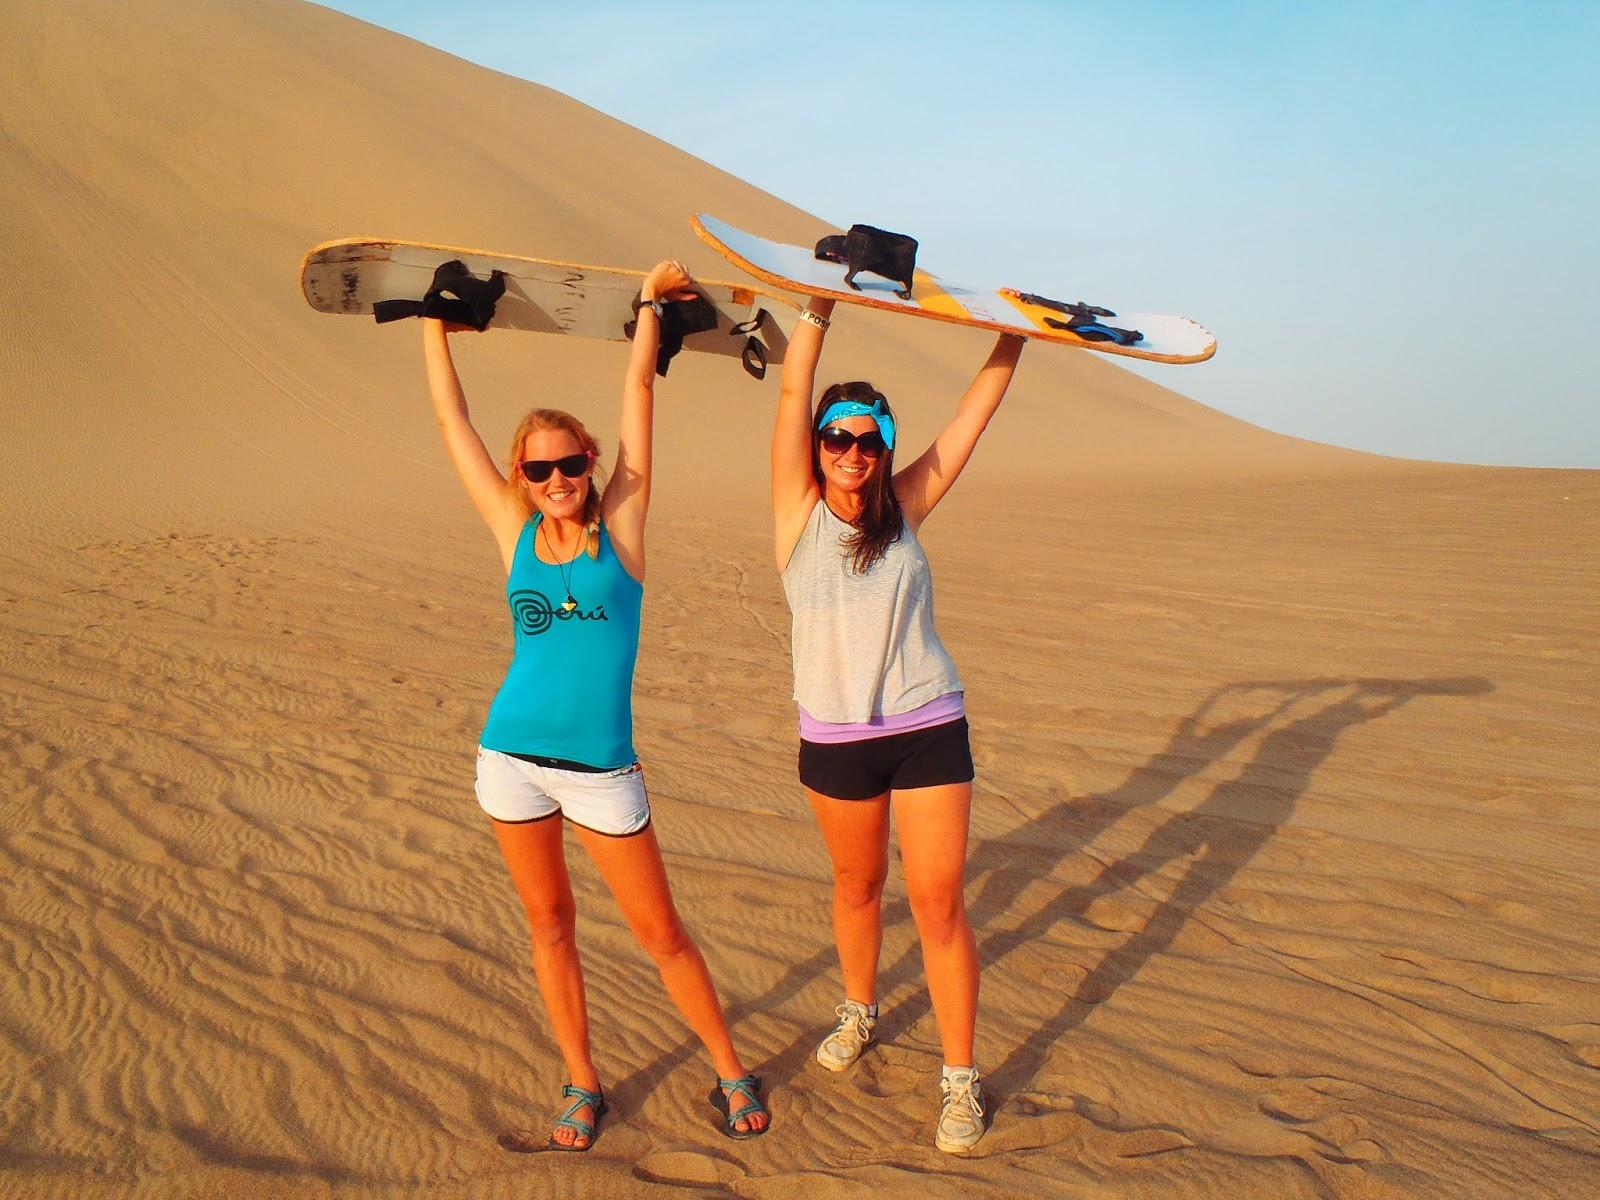 Simone and Nina in Peru Sandboarding